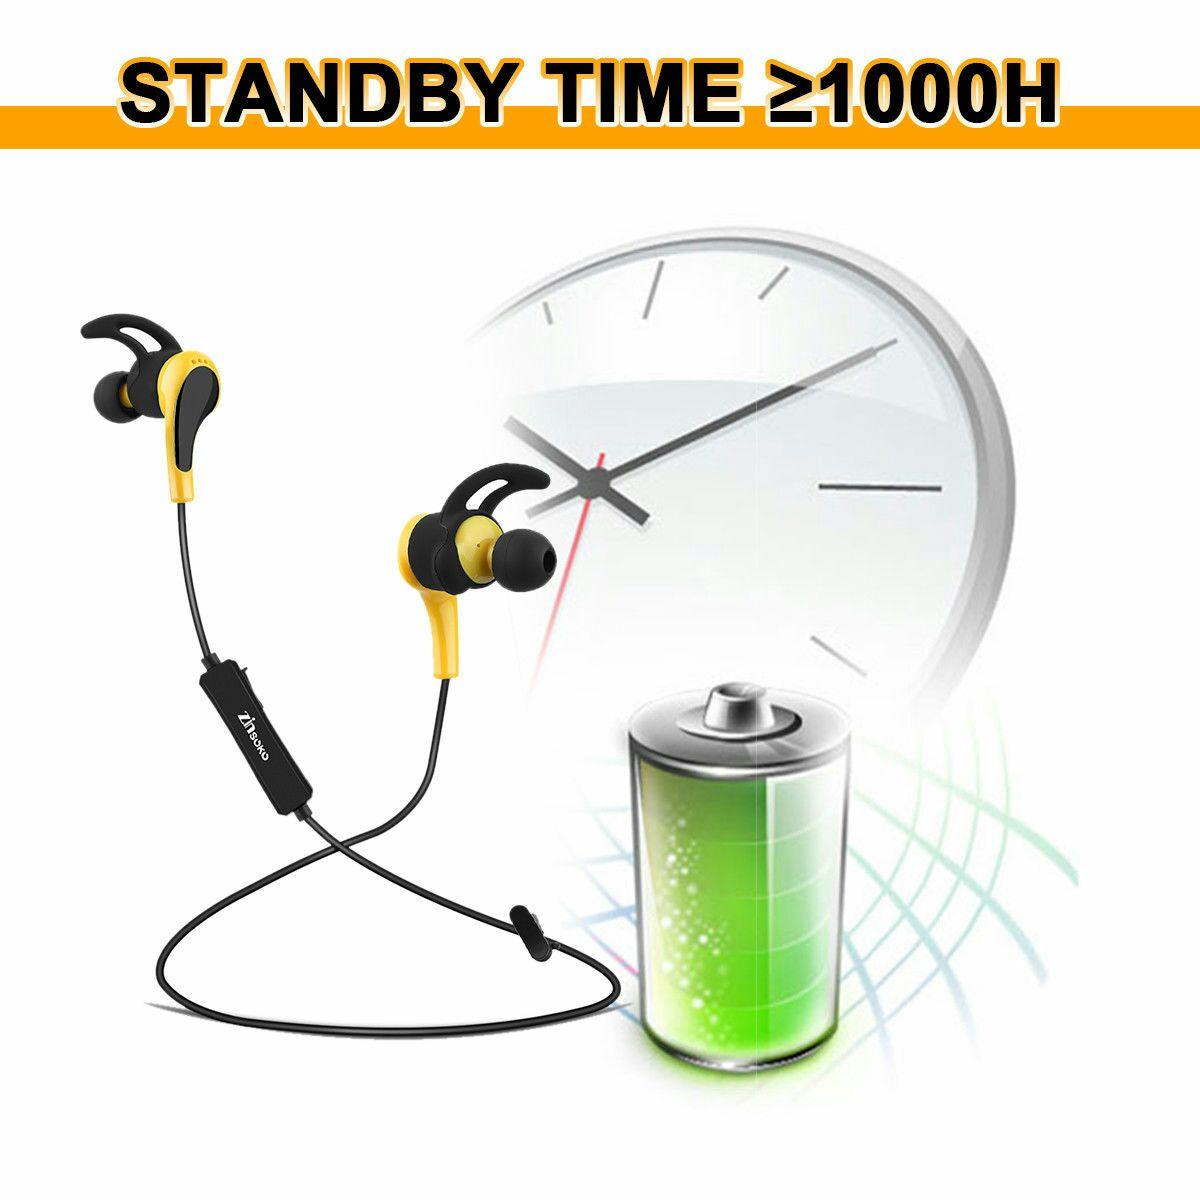 Auriculares Zinsoko B019 CSR Bluetooth